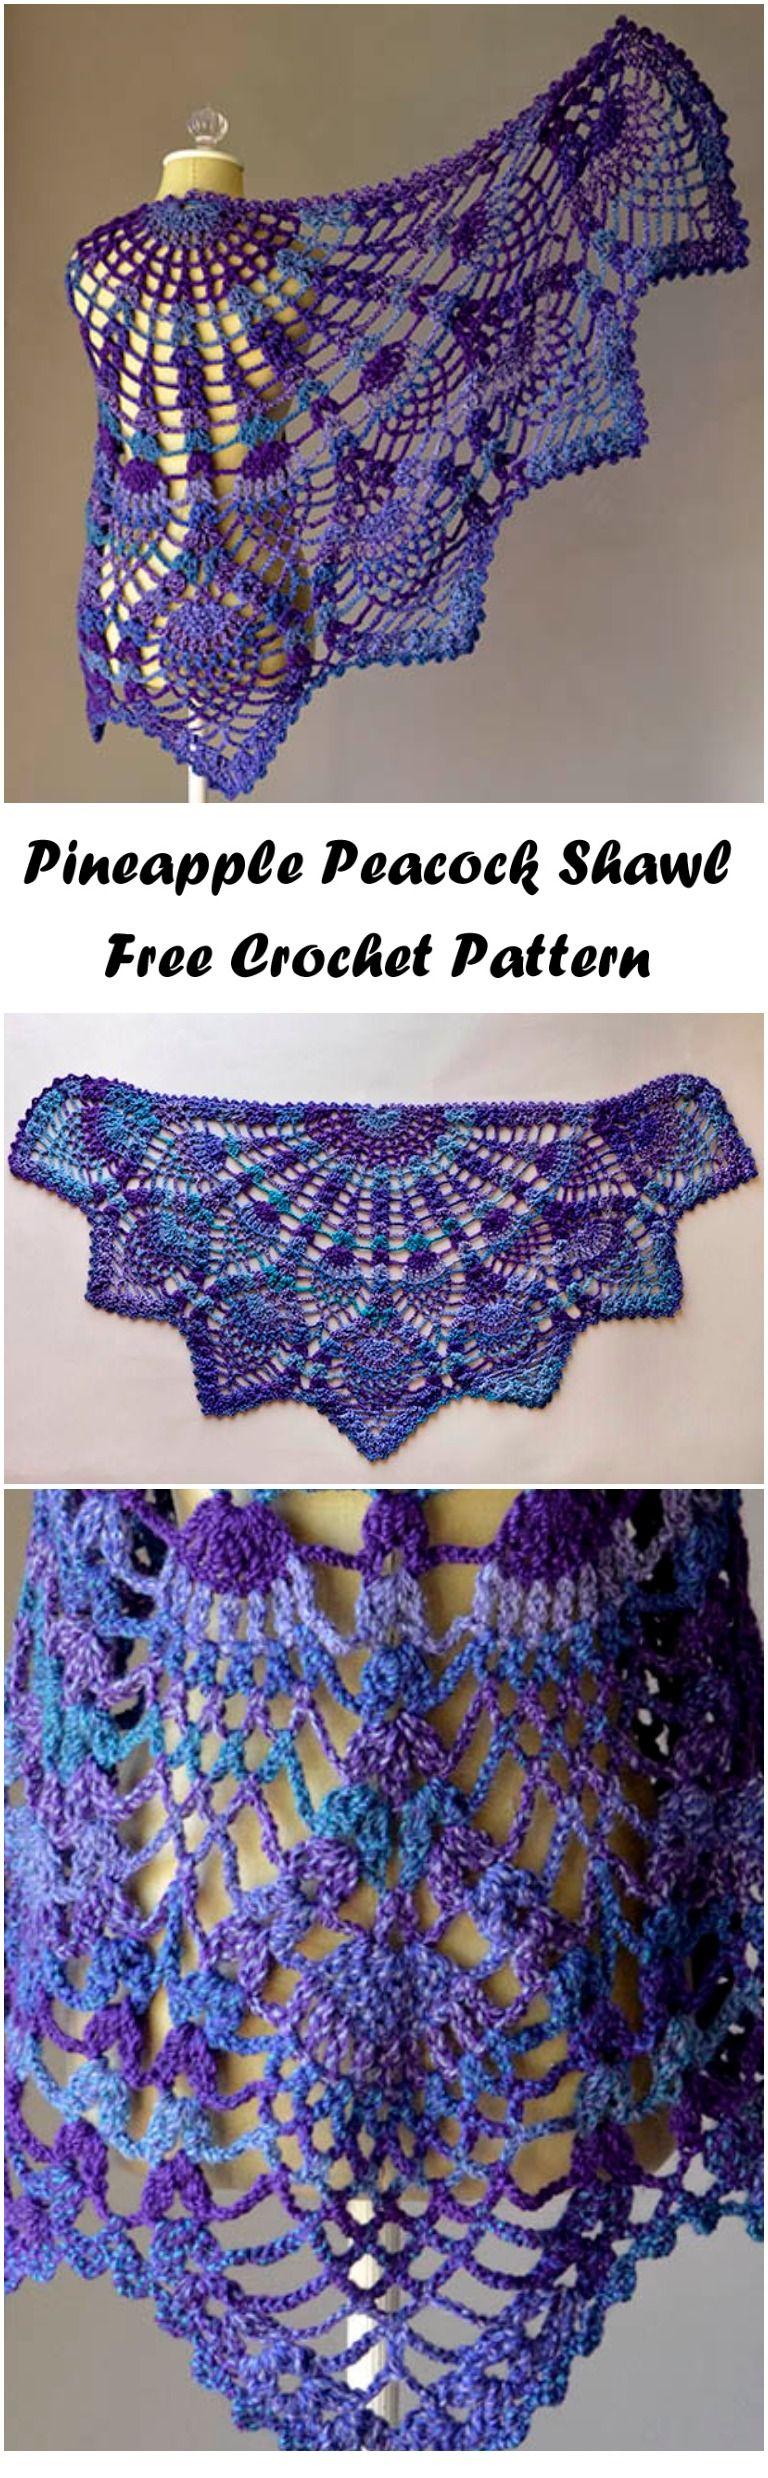 Crochet Pineapple Peacock Shawl | Tücher, Schultertuch und Schals tücher